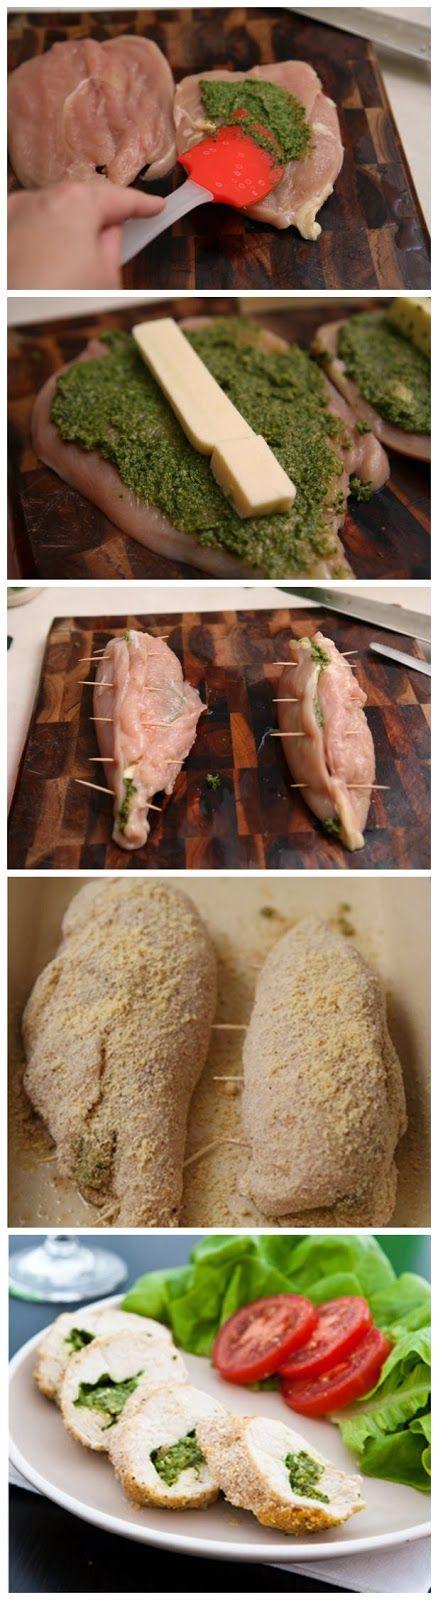 Latest Food: Mozzarella Pesto Stuffed Chicken Breasts